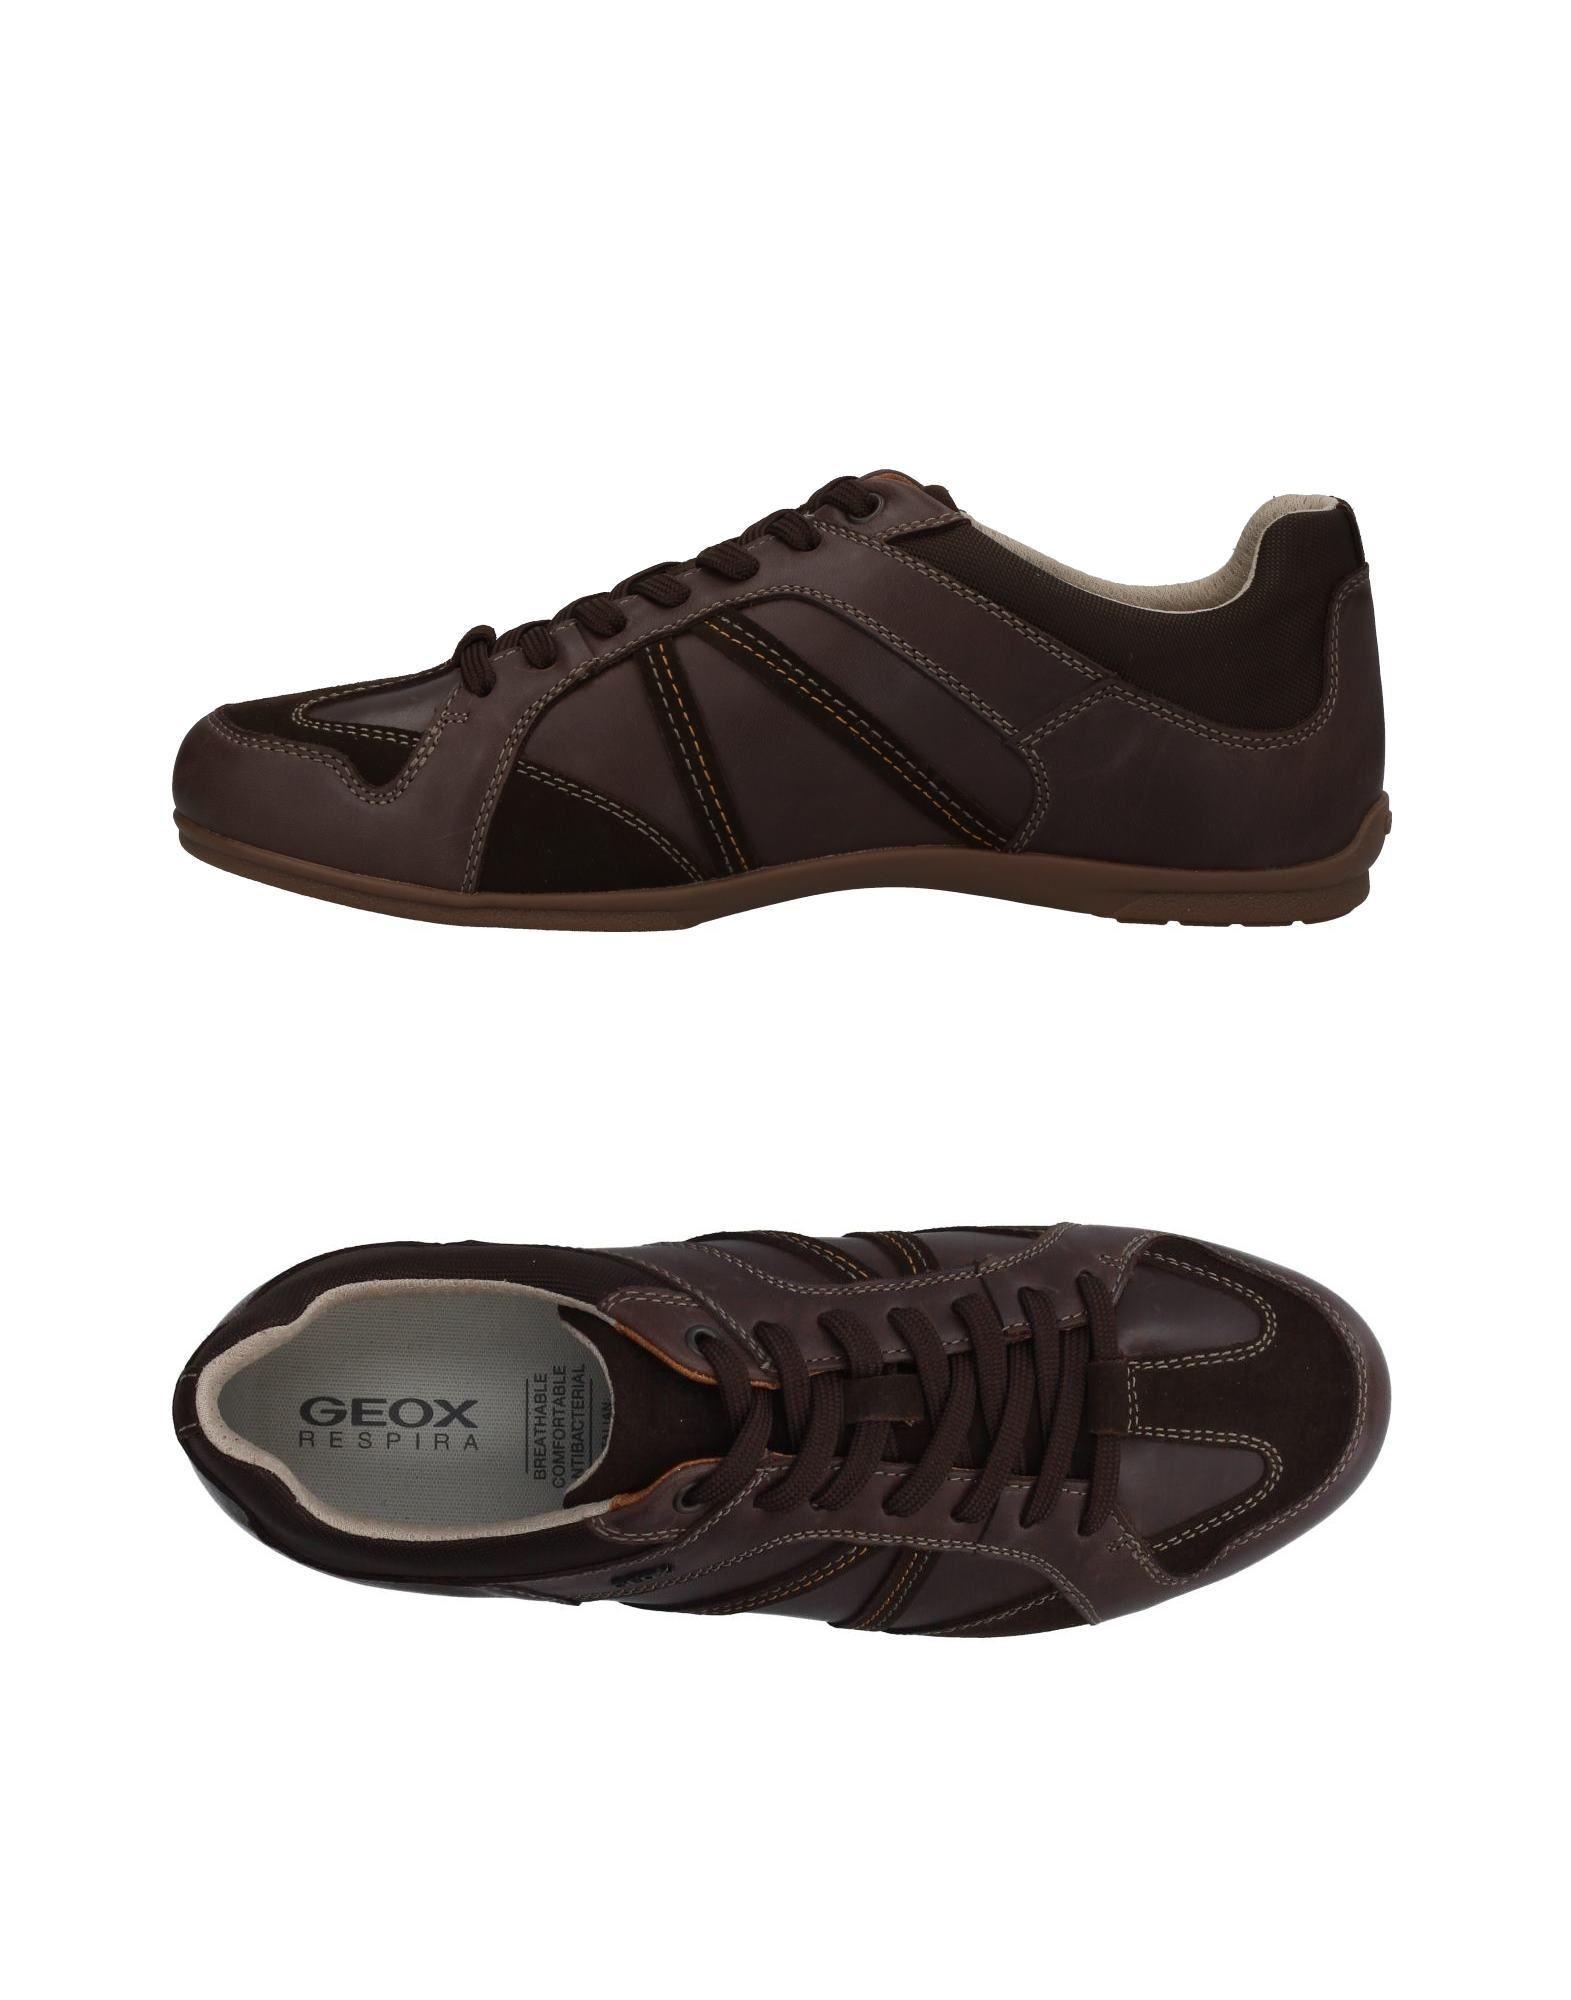 Geox Sneakers Herren  11393167OA Heiße Schuhe